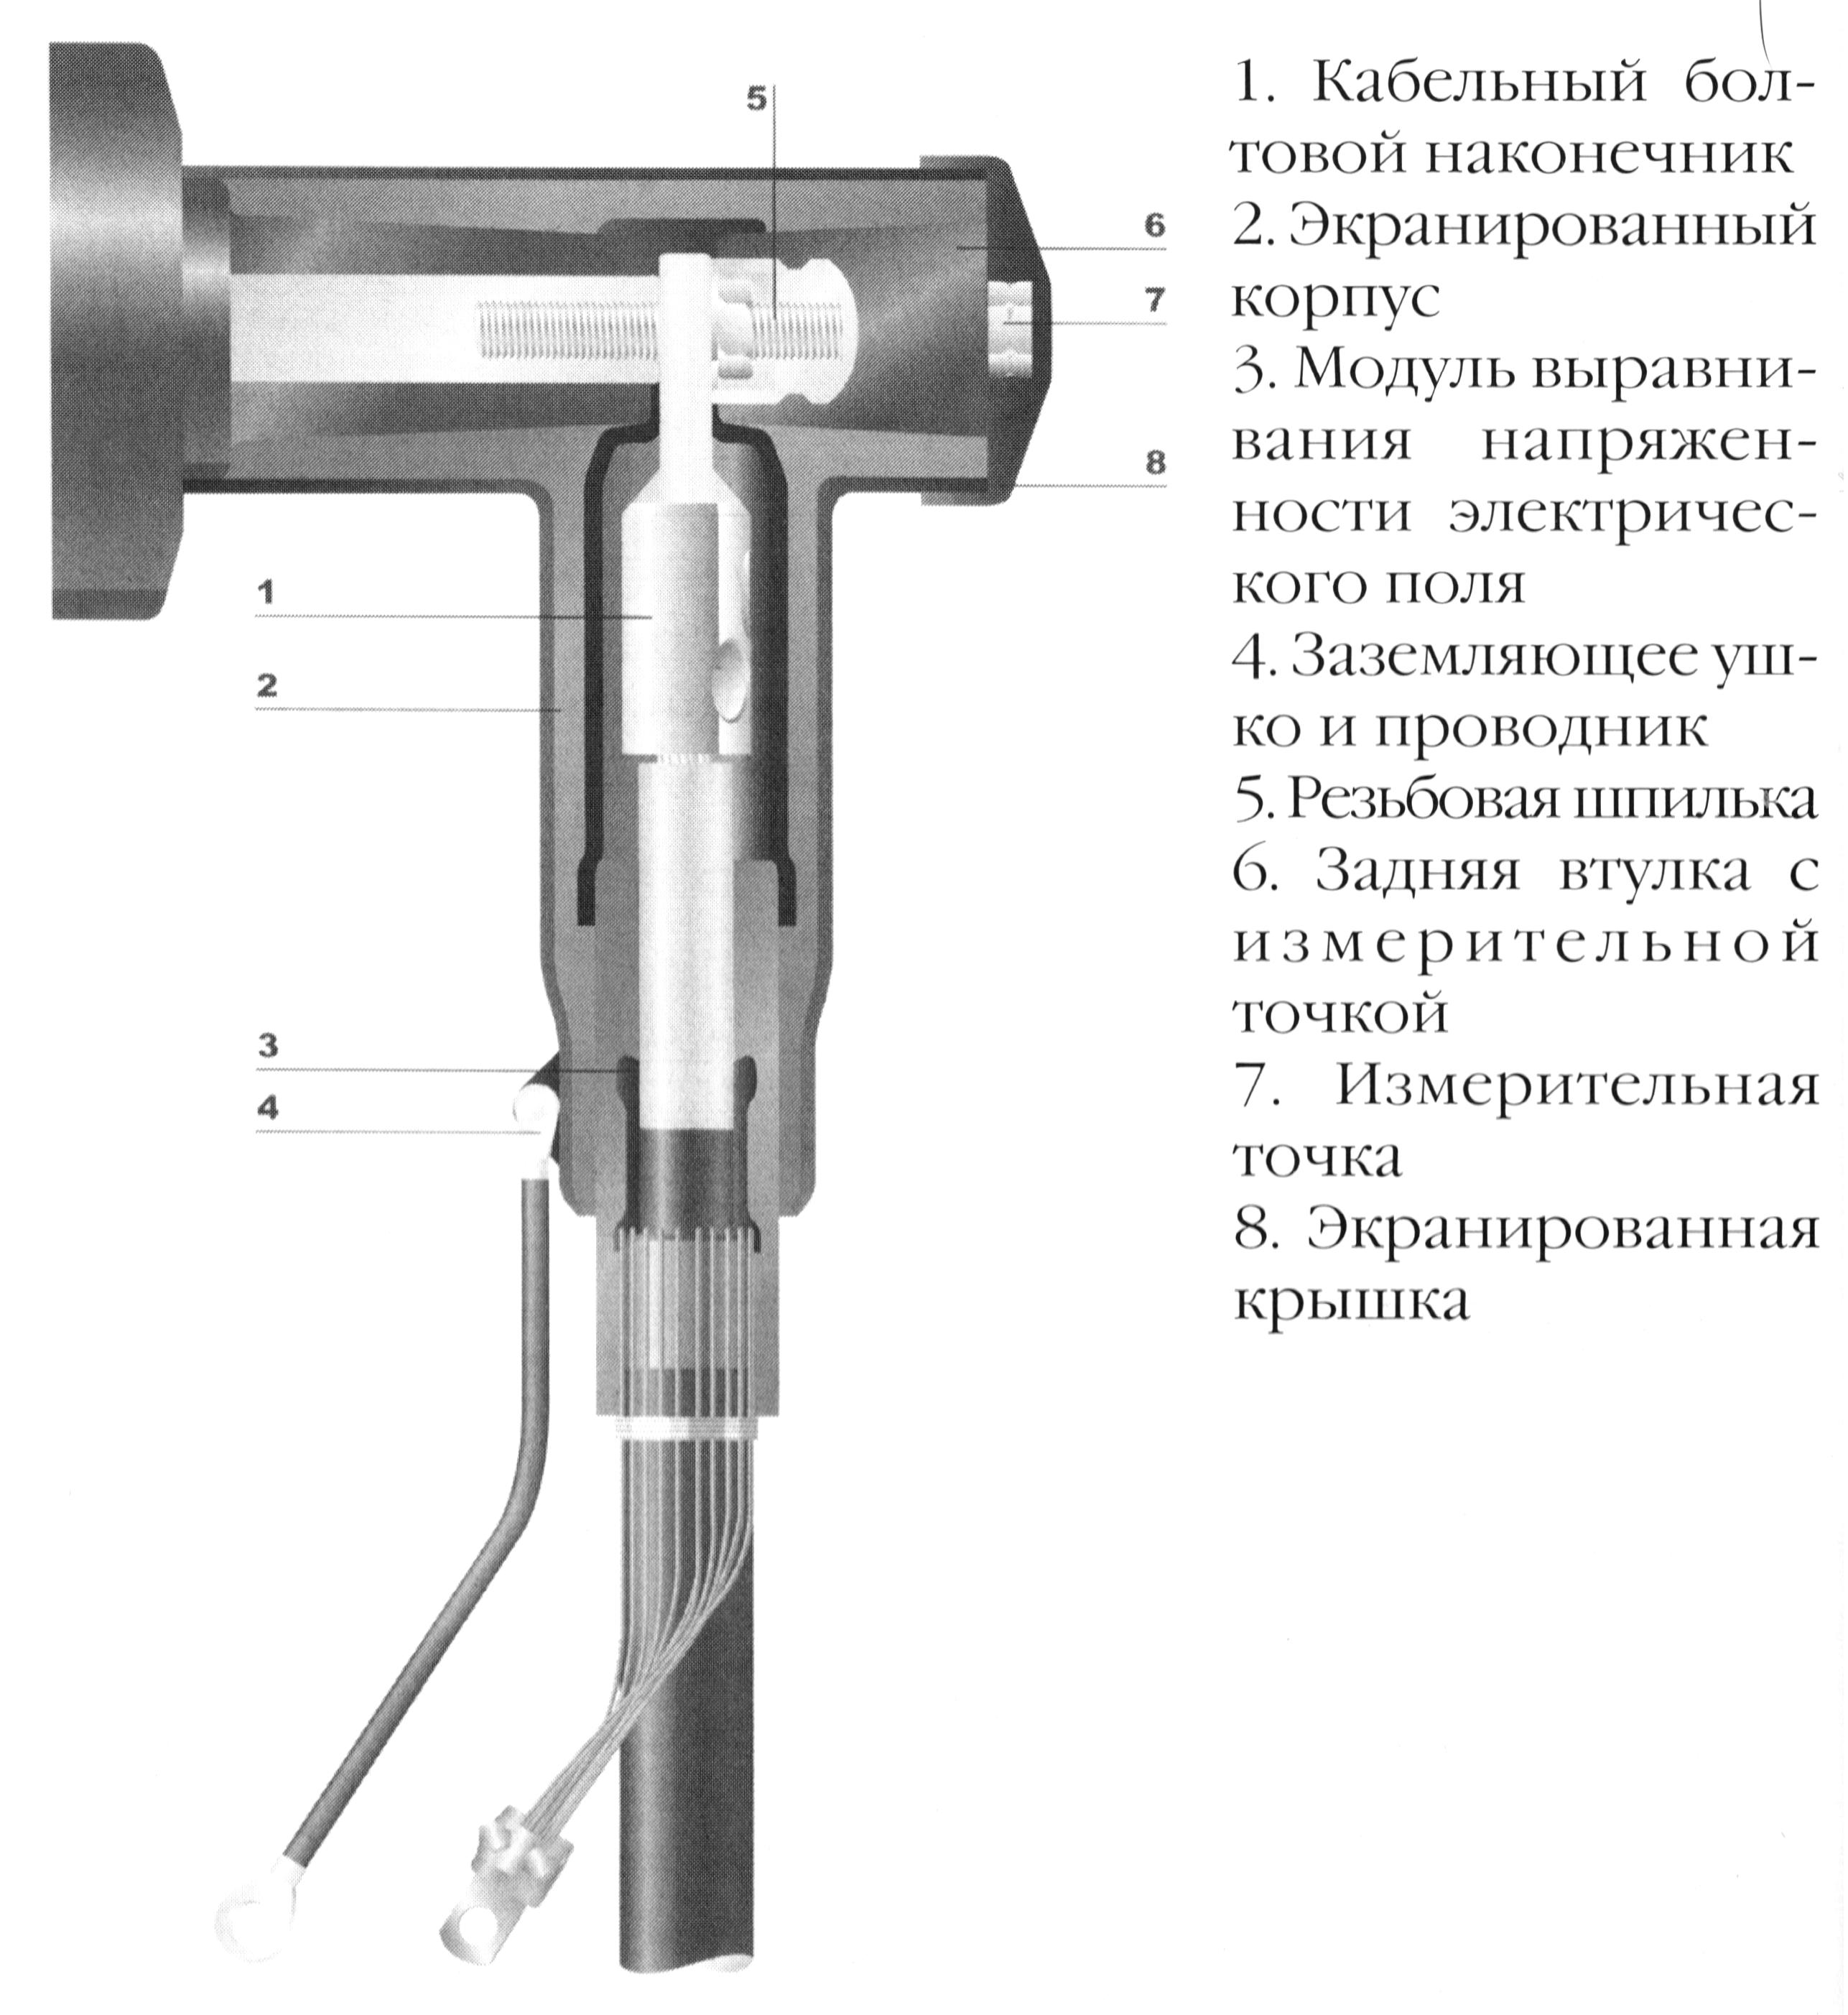 Экранированный Т-образный адаптер для кабельных вводов на ток до 6ЗОА для элегазовых КРУ (моноблоков типа RM-6 и др.) на напряжение до 20 кВ